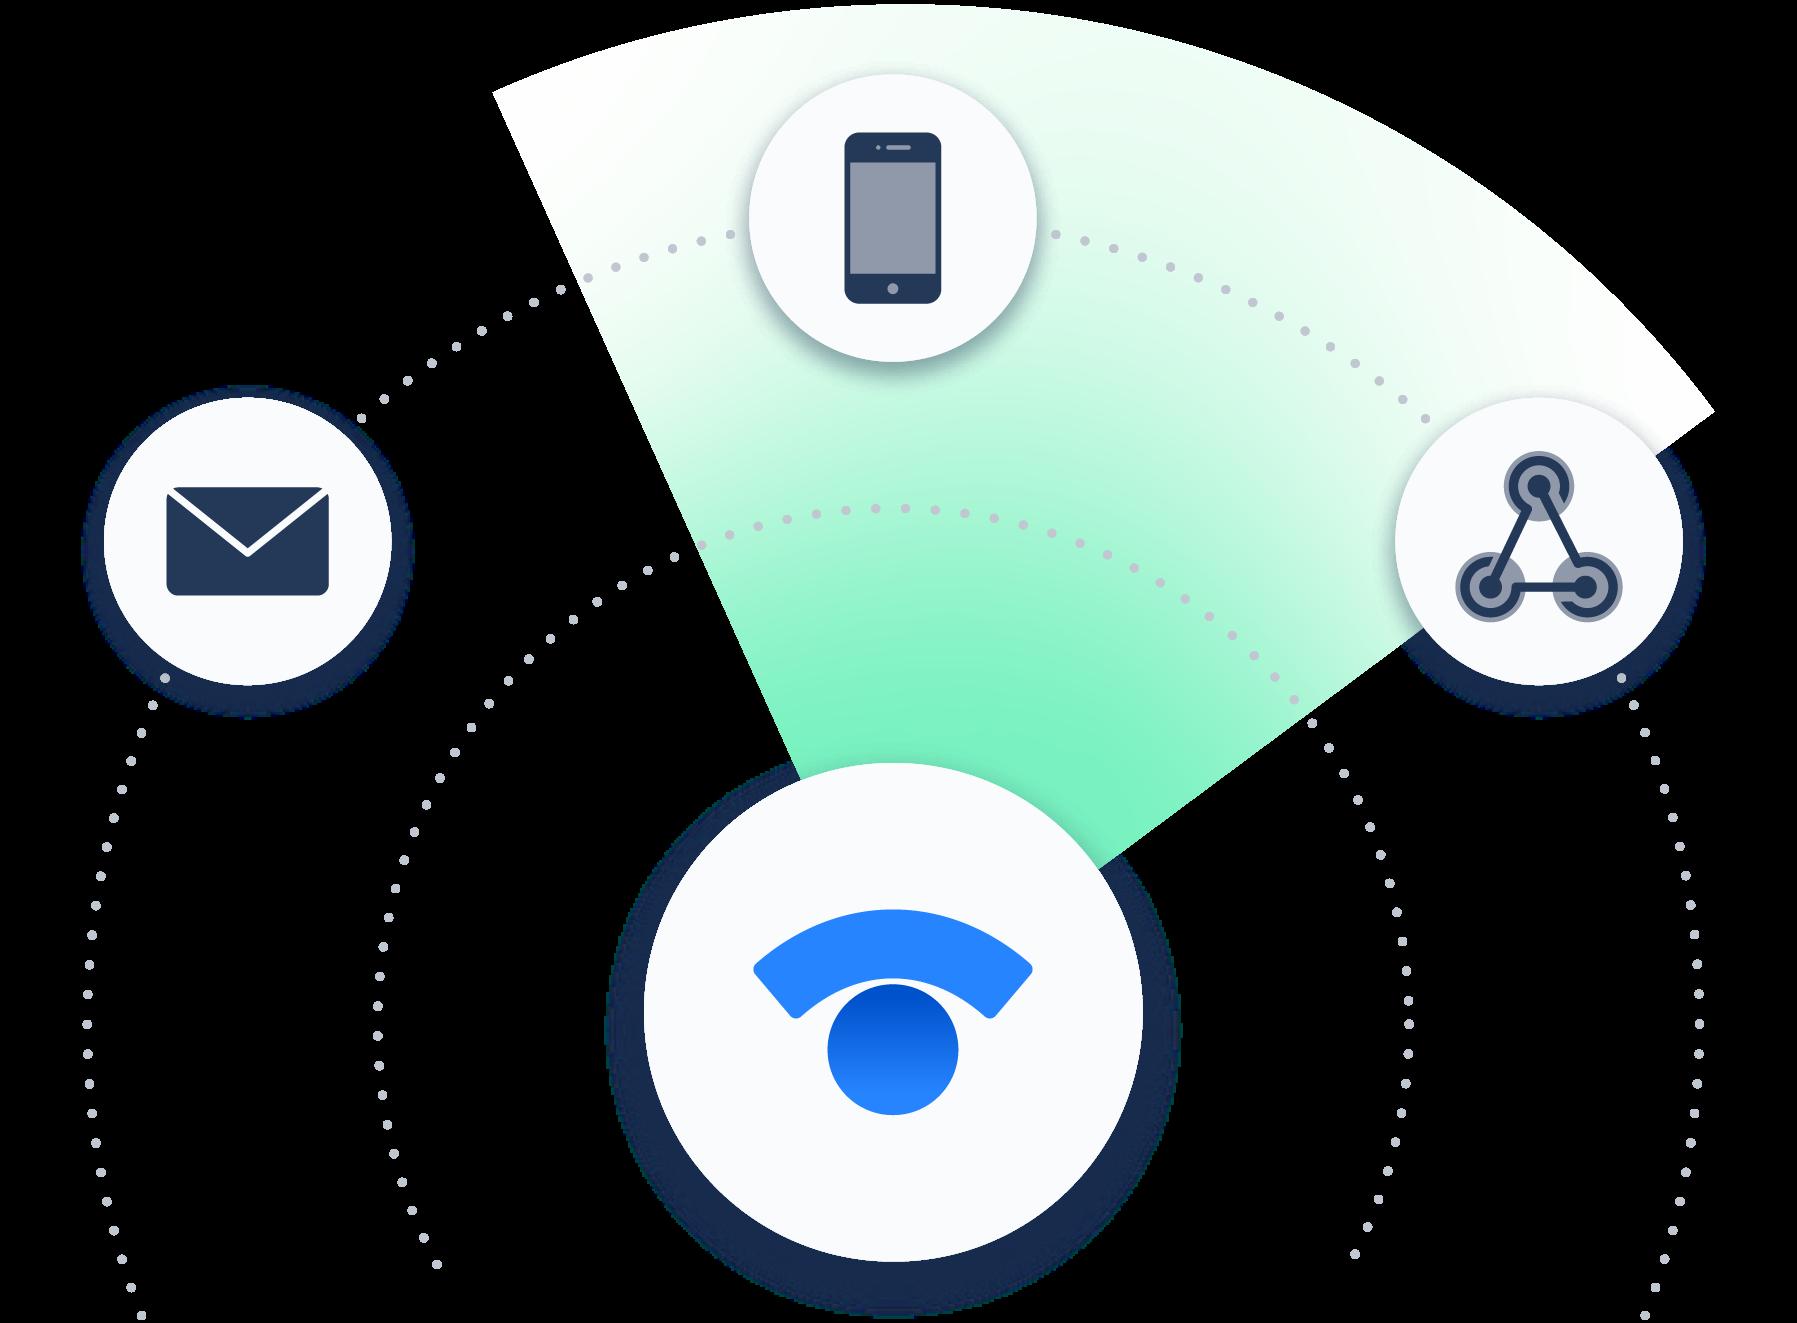 Statuspage-pictogram met communicatiepictogrammen (zoals e-mail en telefoon) eromheen